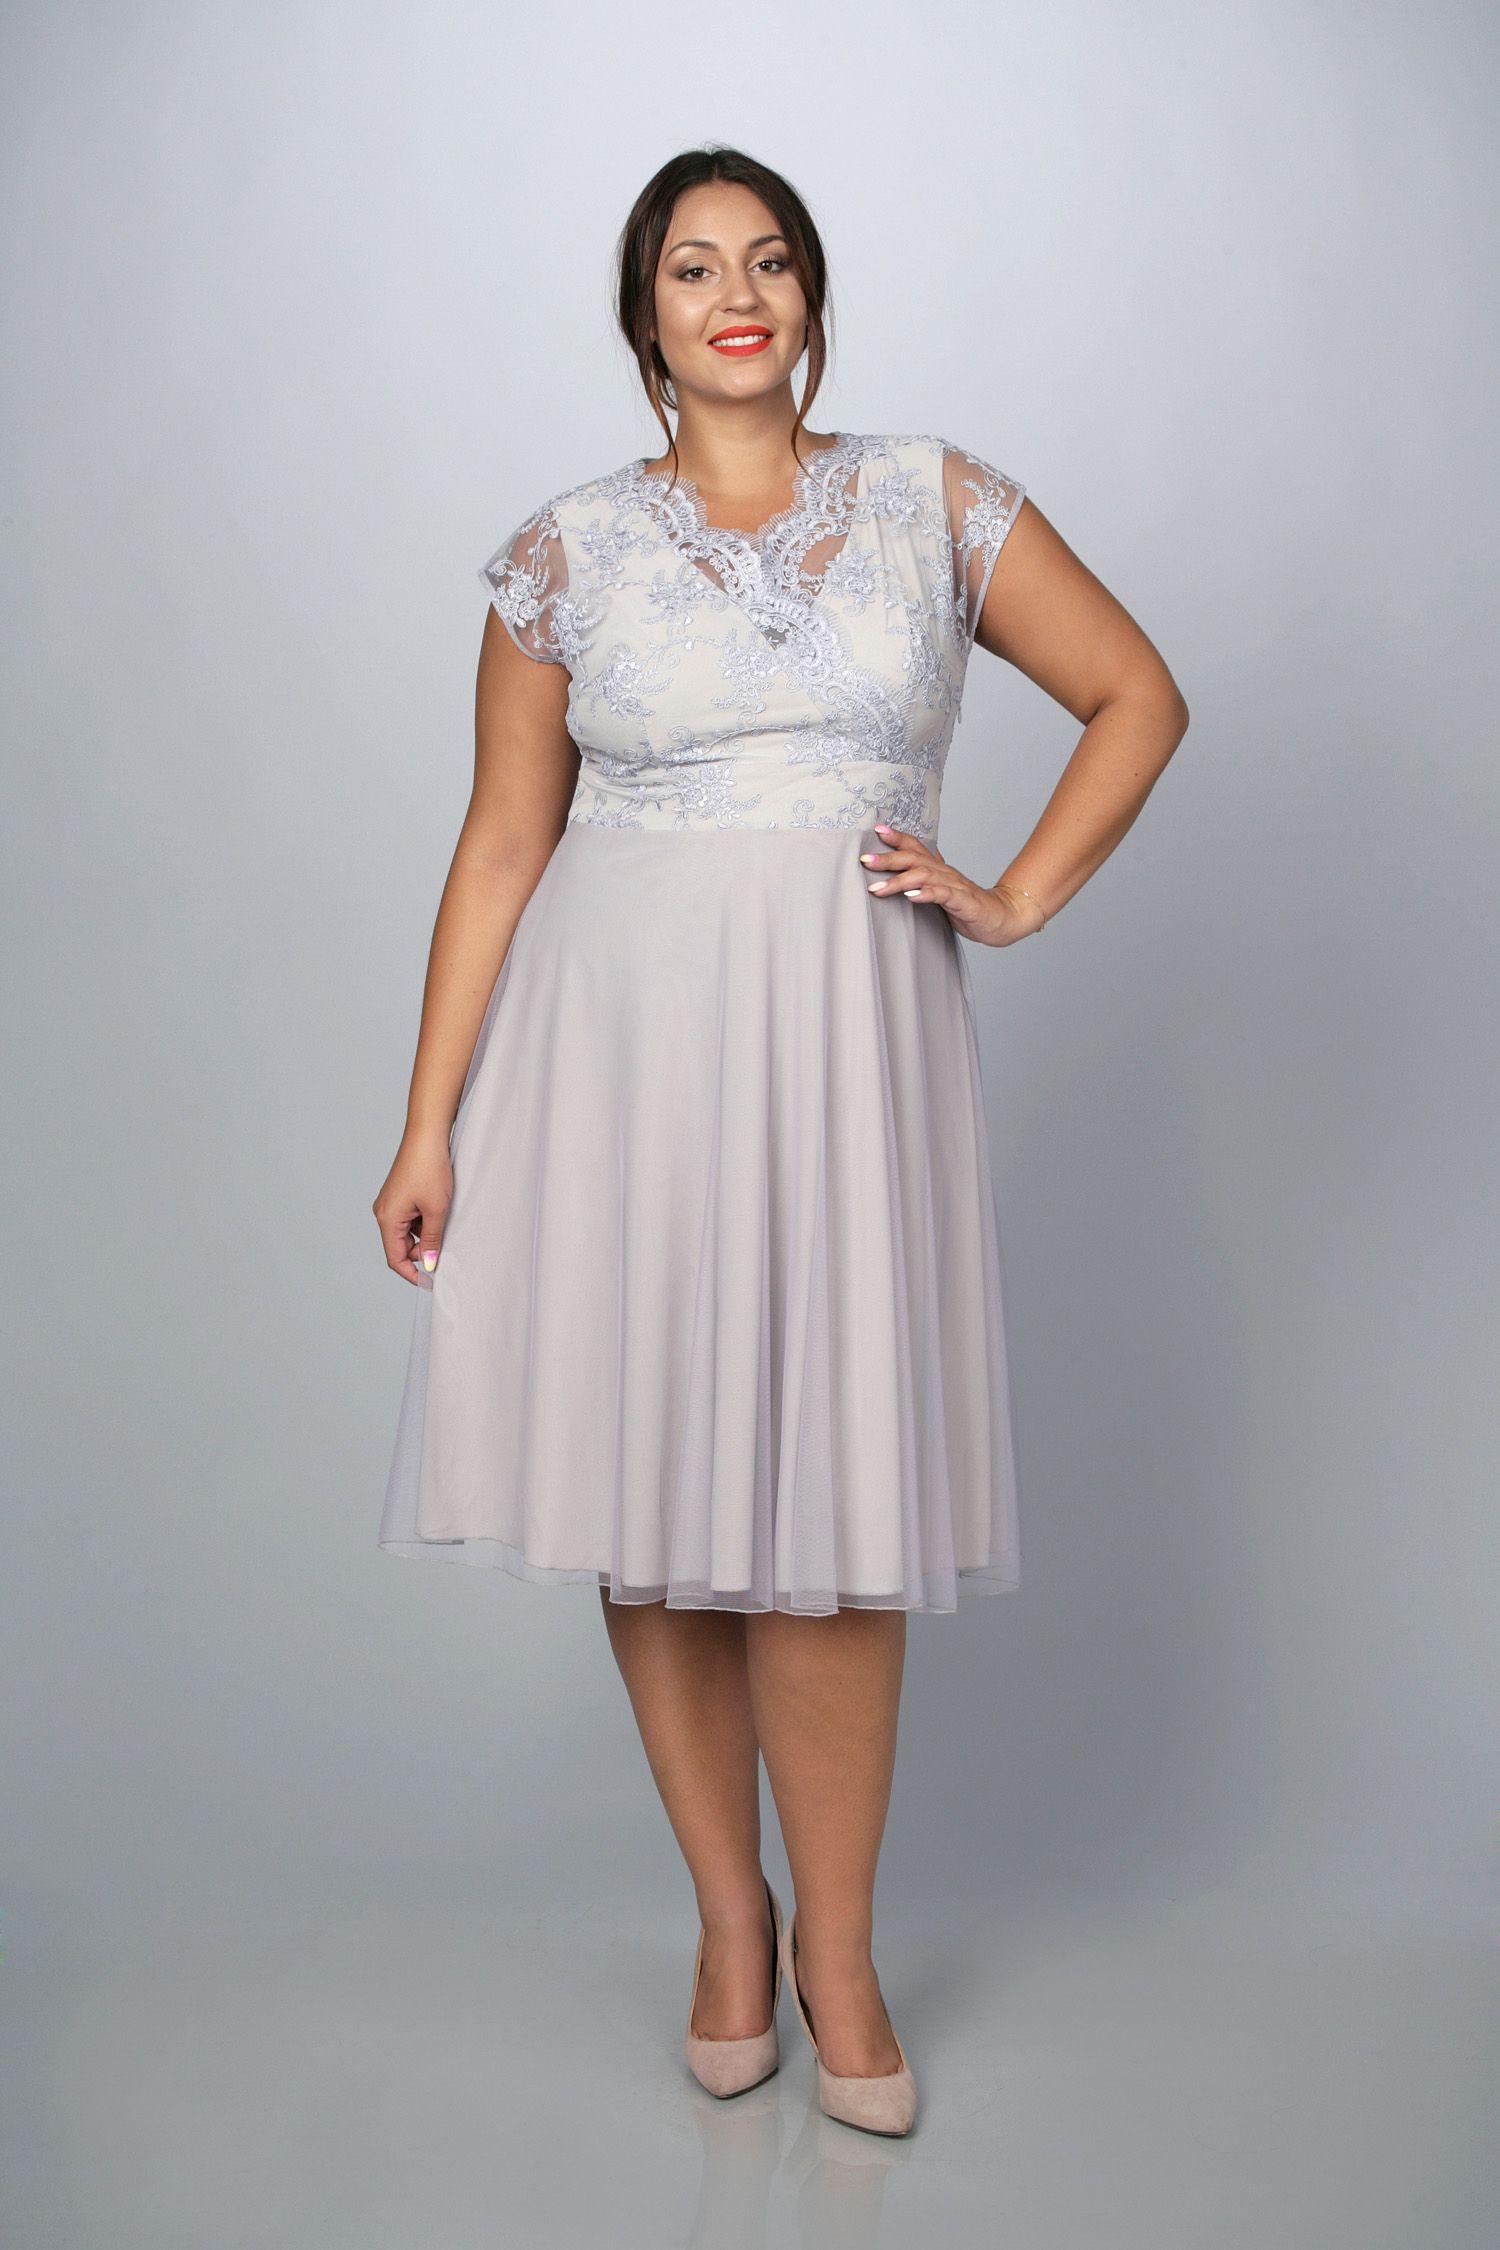 6fad552a62 Sukienka STELLA ekskluzywna rozkloszowana tiulowo-koronkowa popielata